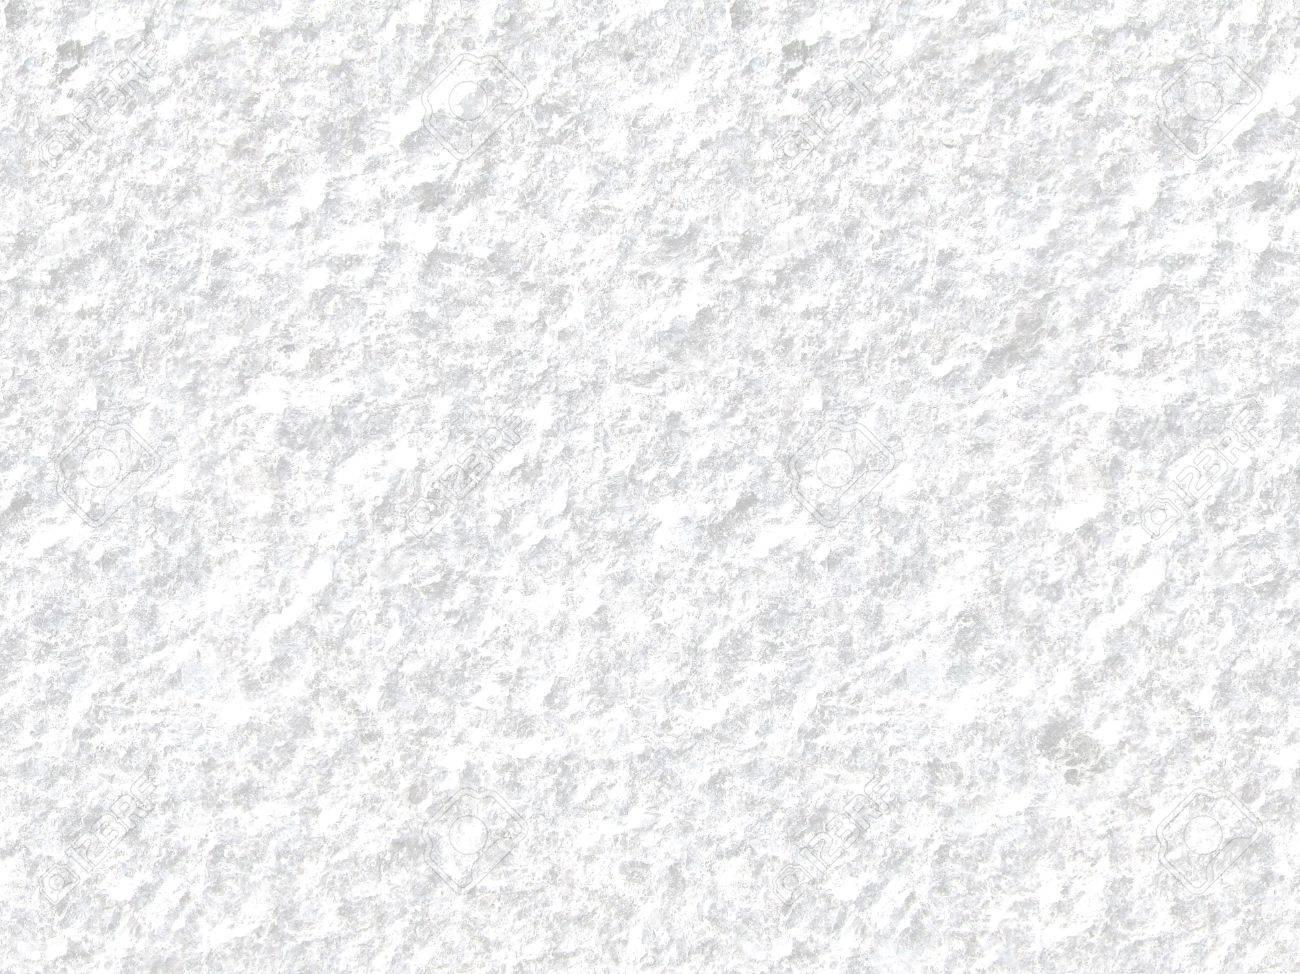 White Stone Wall Textures White Stone Wall Background